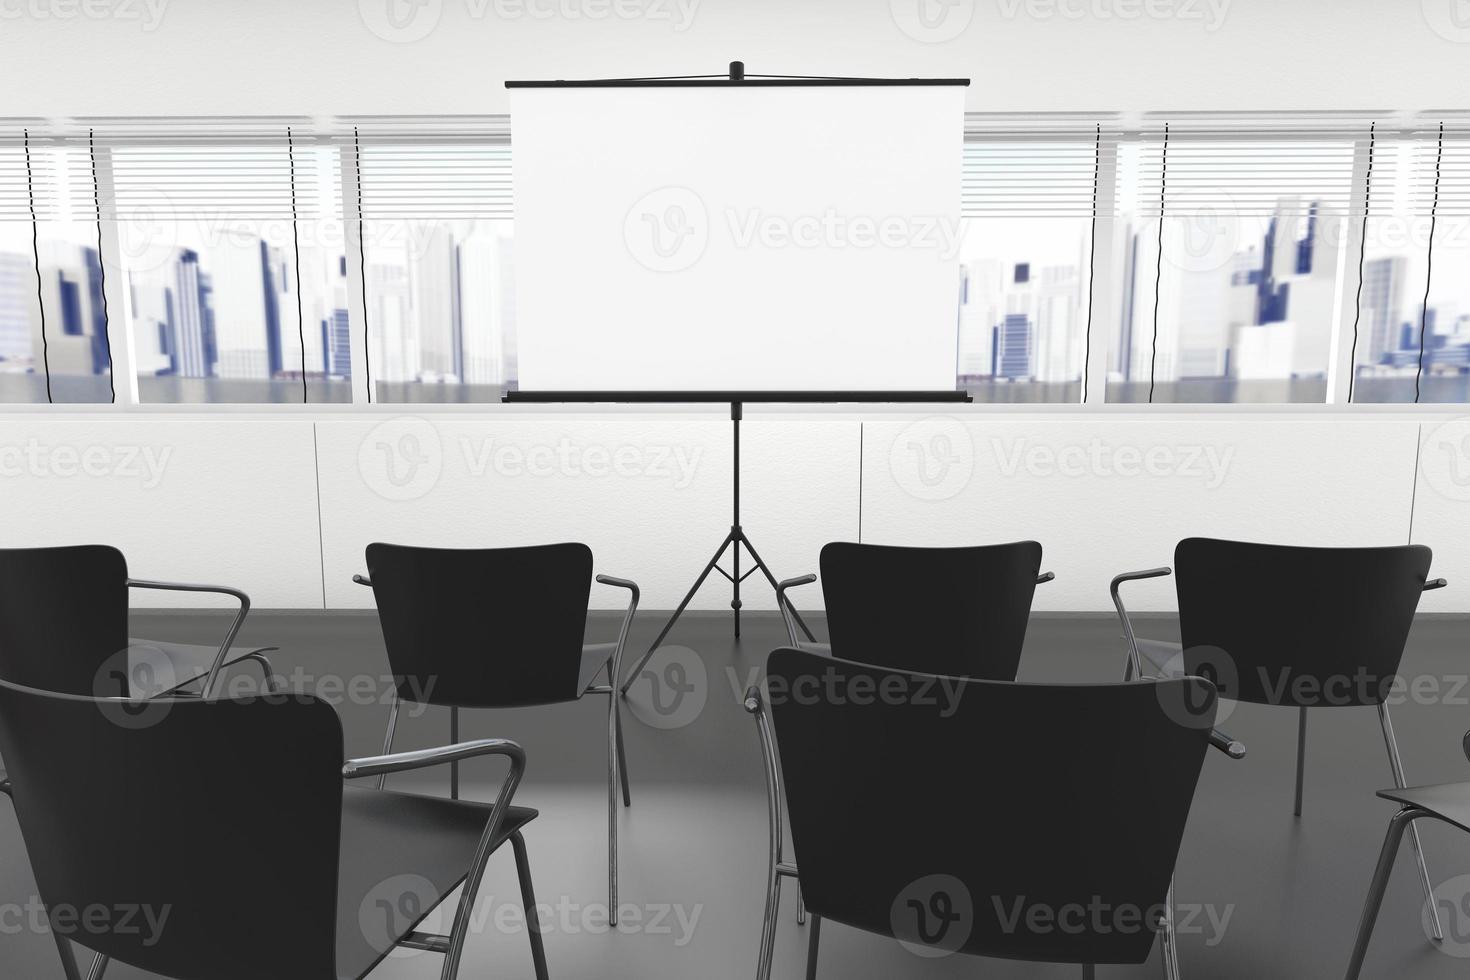 tela de projeção e cadeiras foto